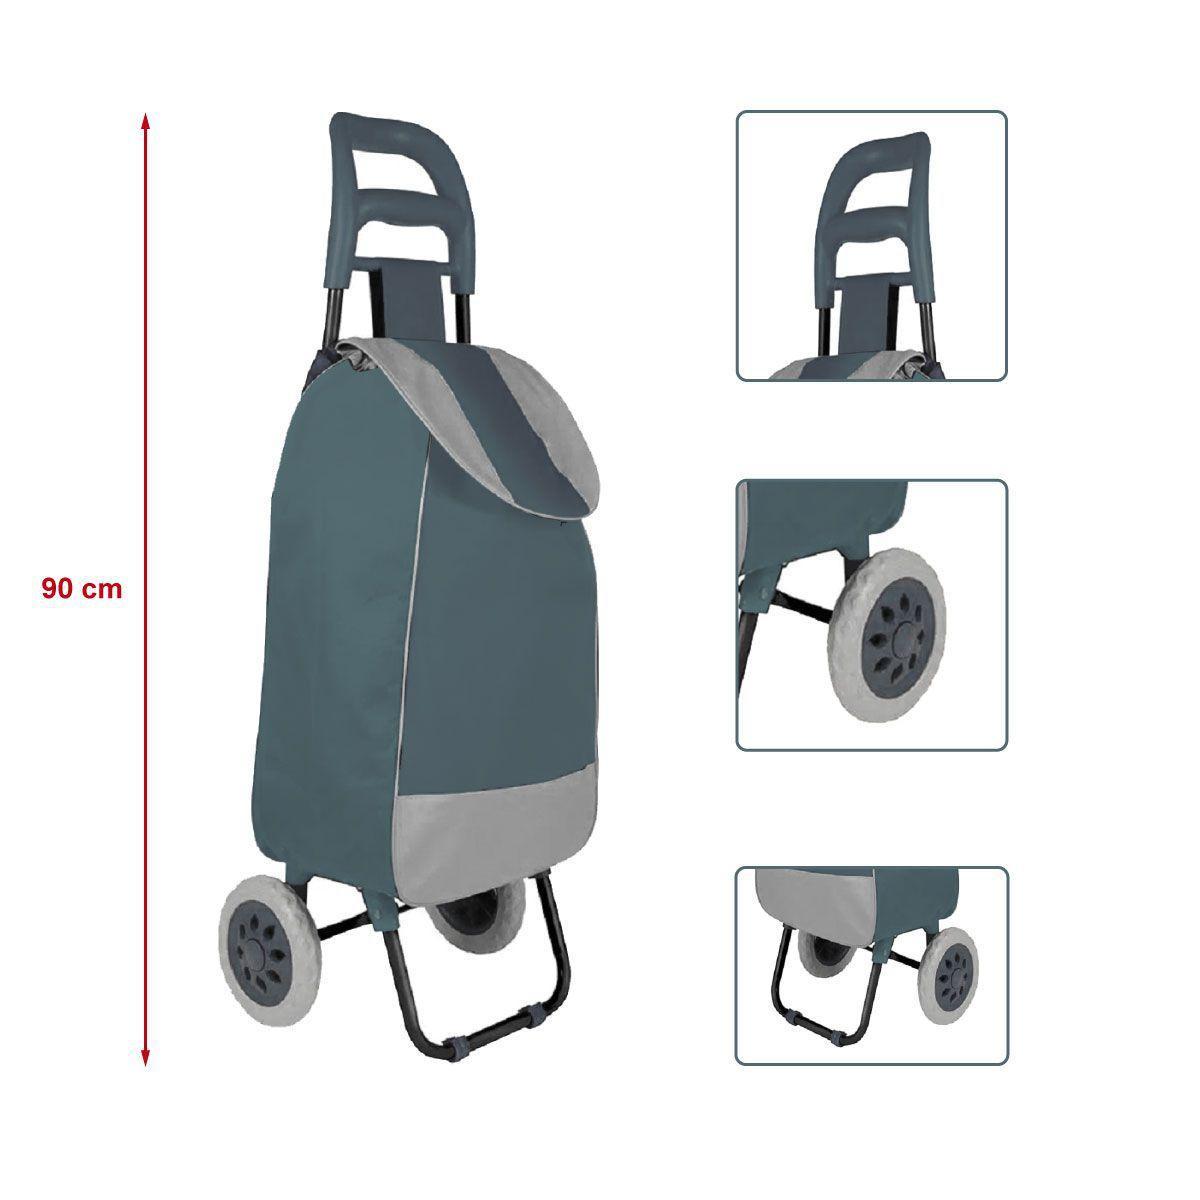 Carrinho de Compras Leva Tudo Bag To Go Cinza - Mor 2498